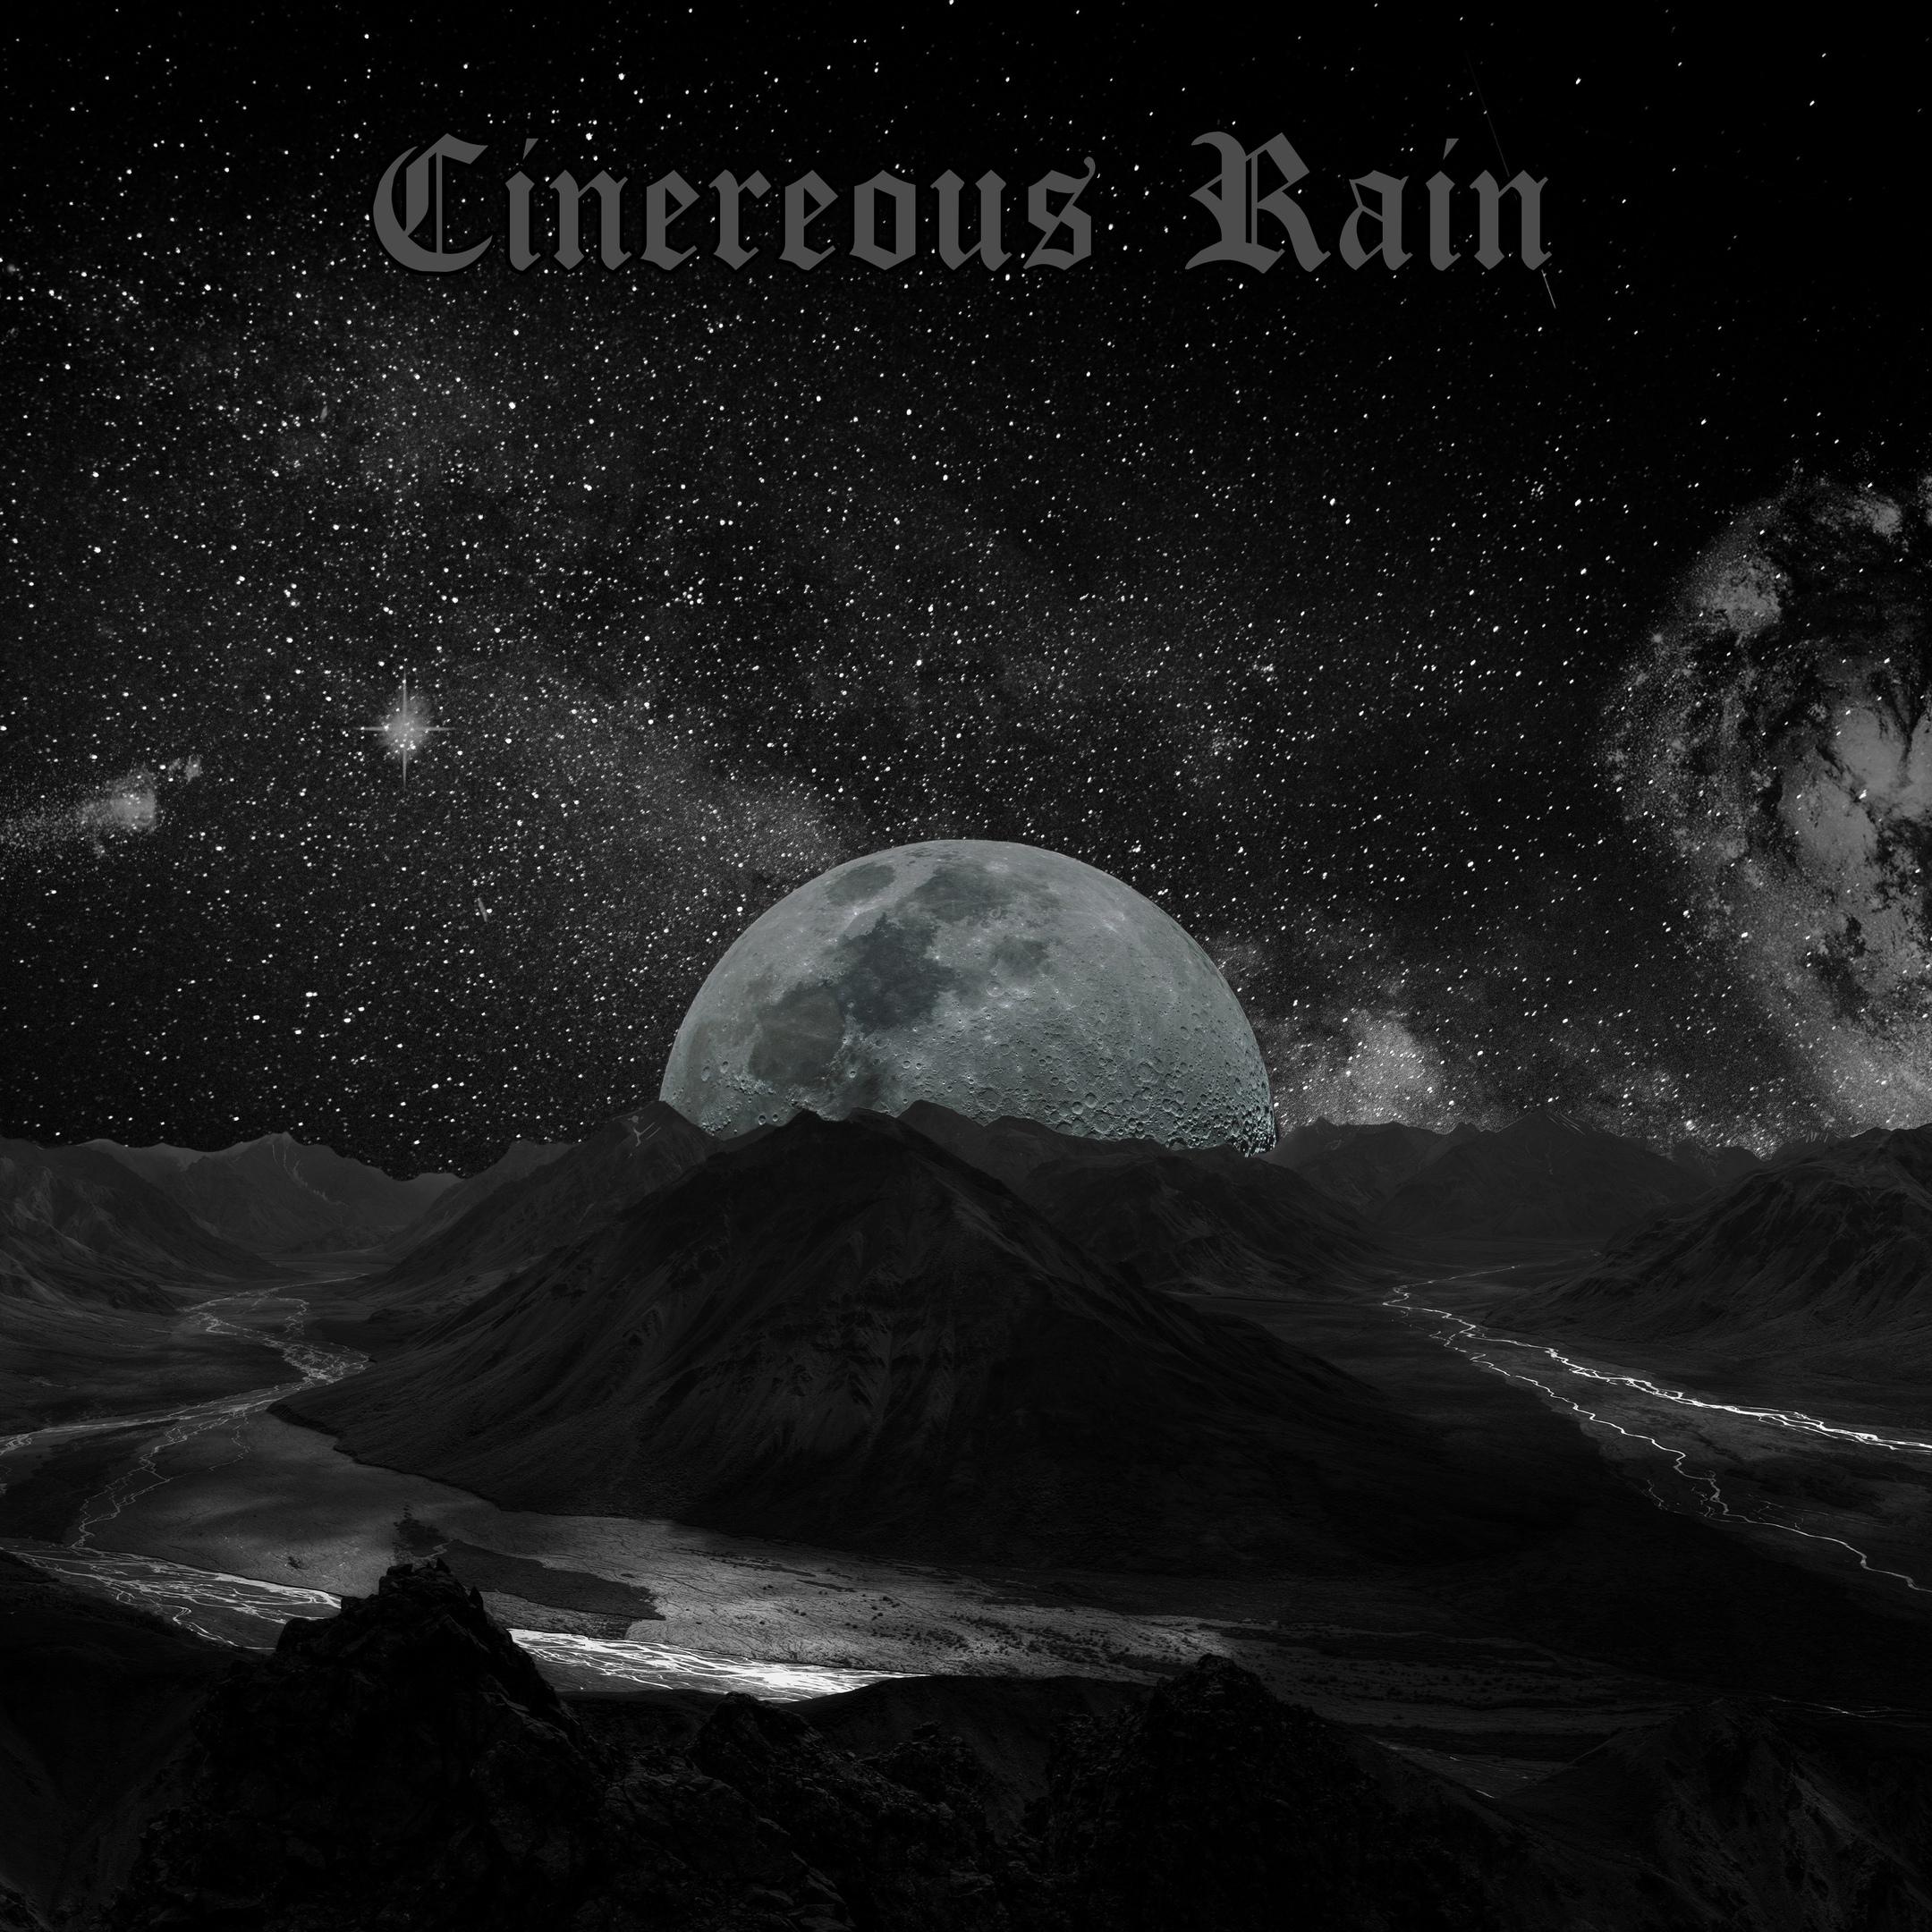 Cinereous Rain - Cinereous Rain